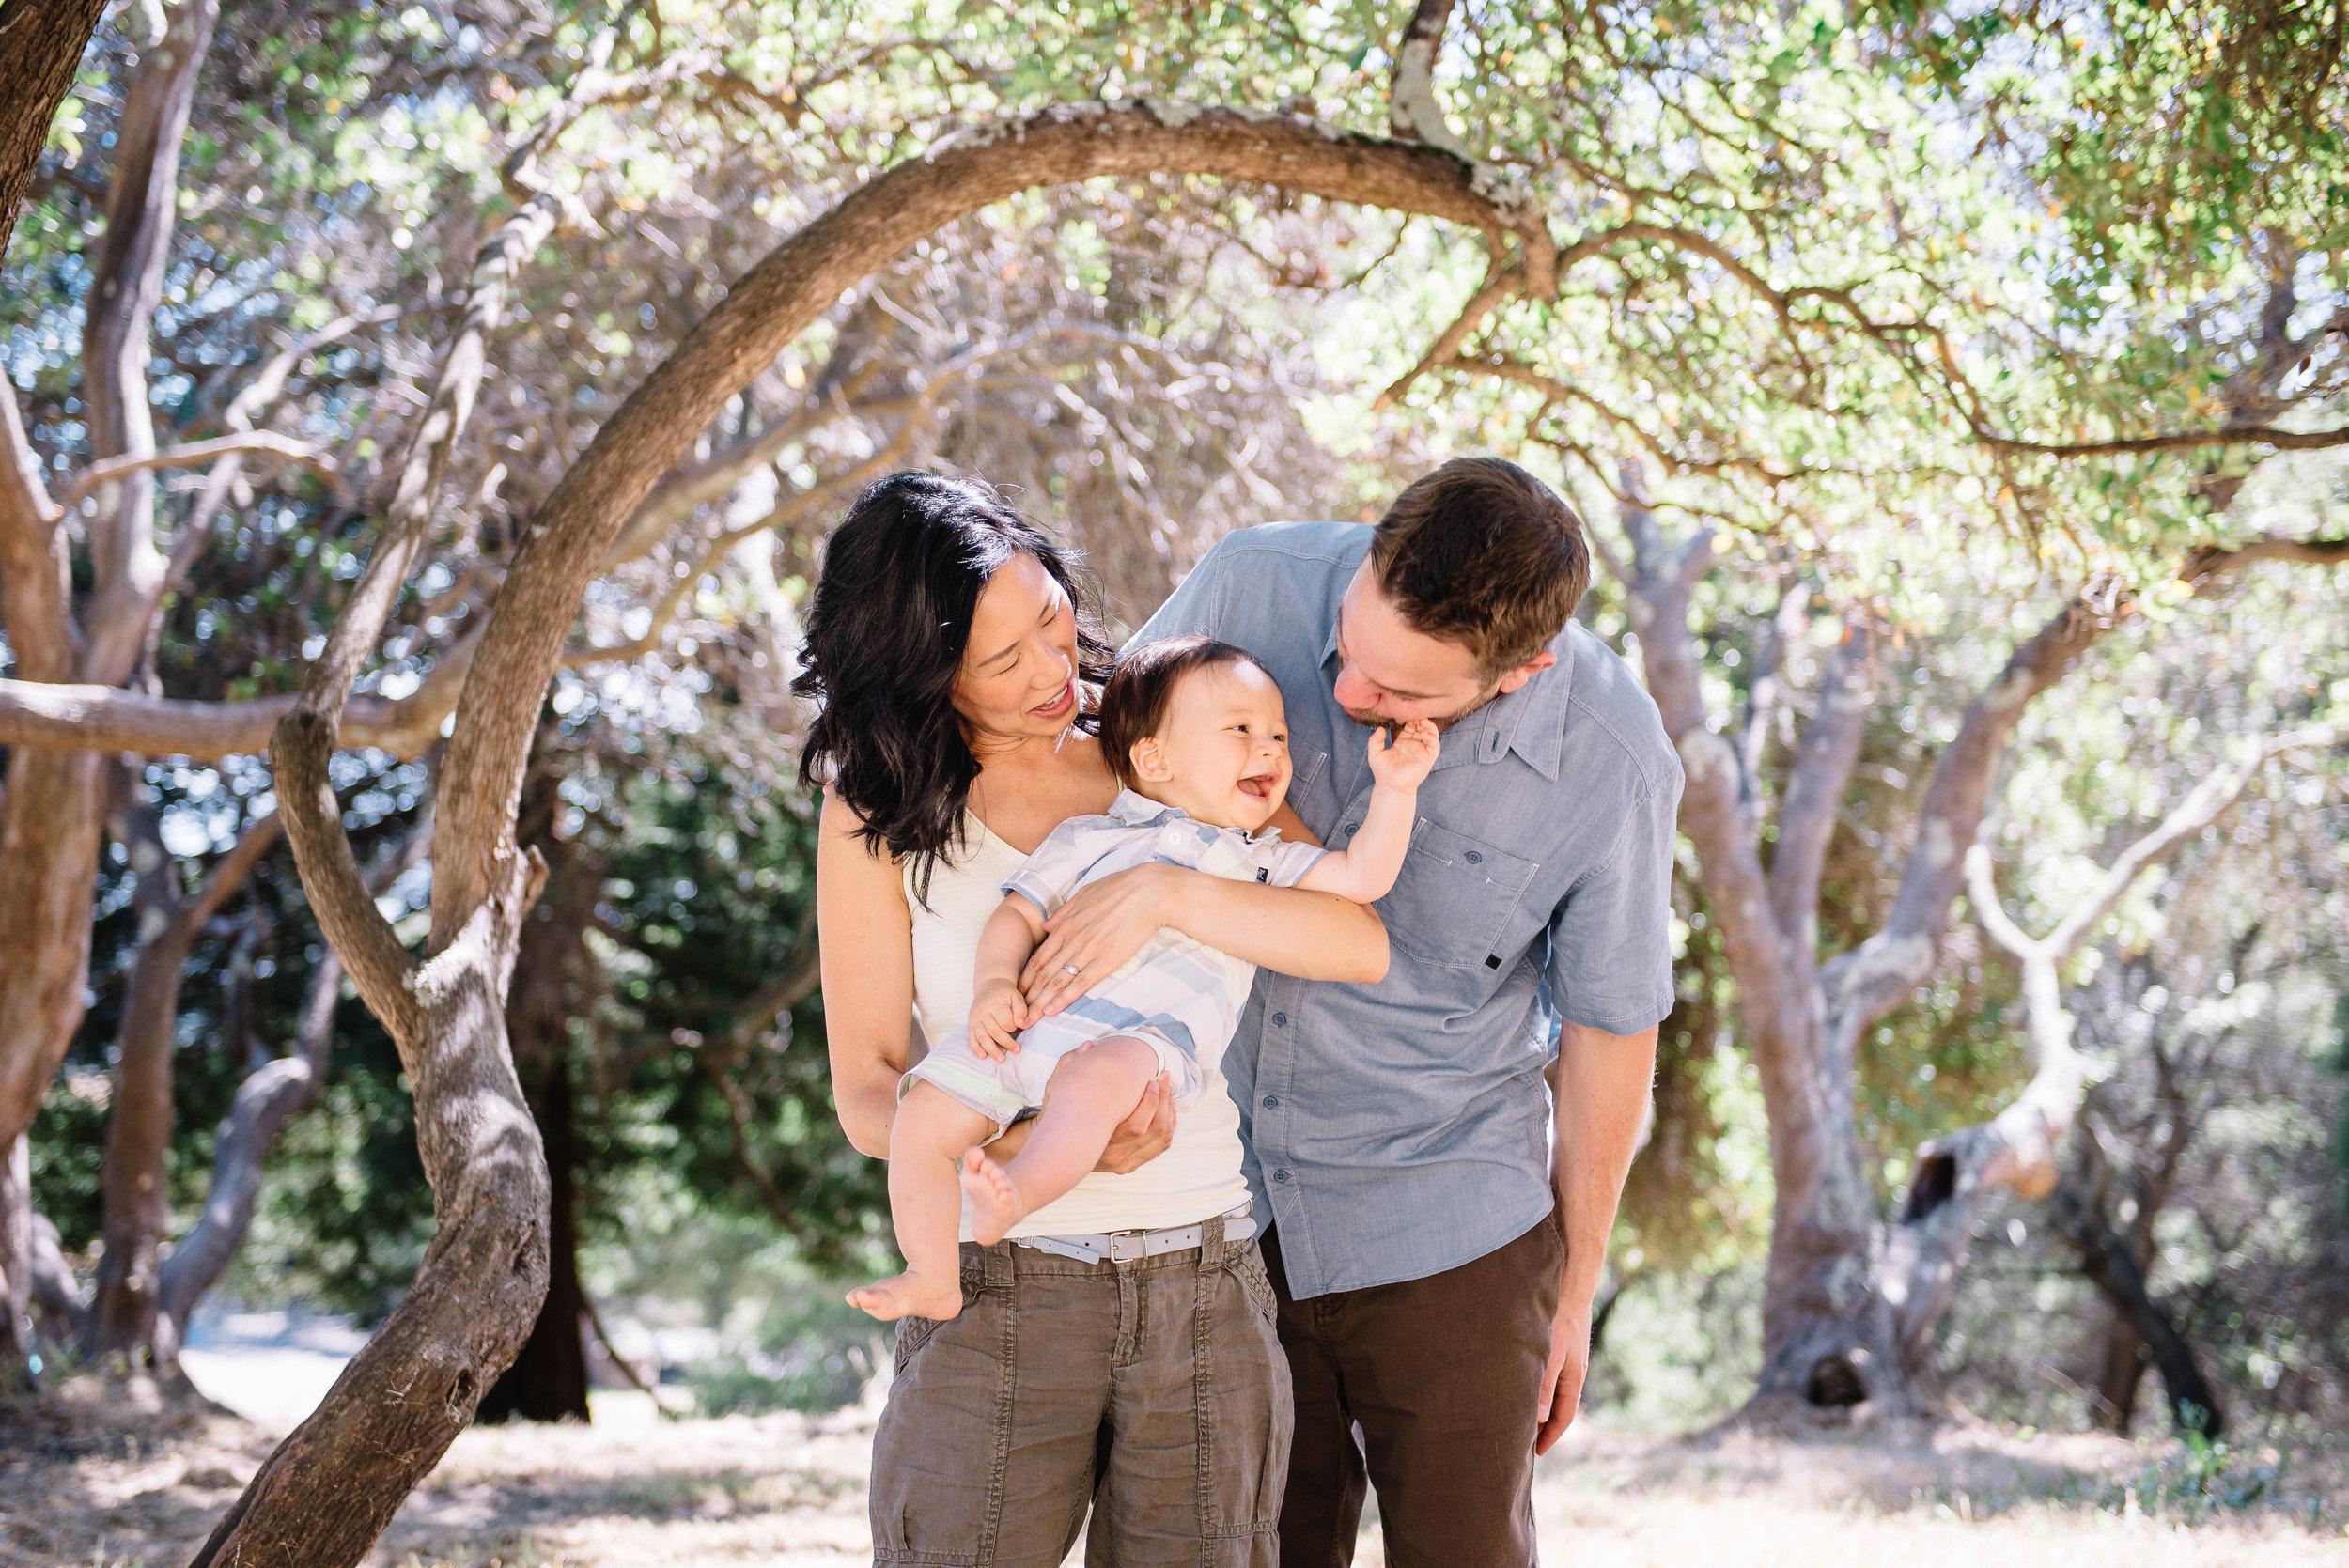 jennifer-jayn-photography-joaquin-miller-park-family-portrait-session-14.jpg